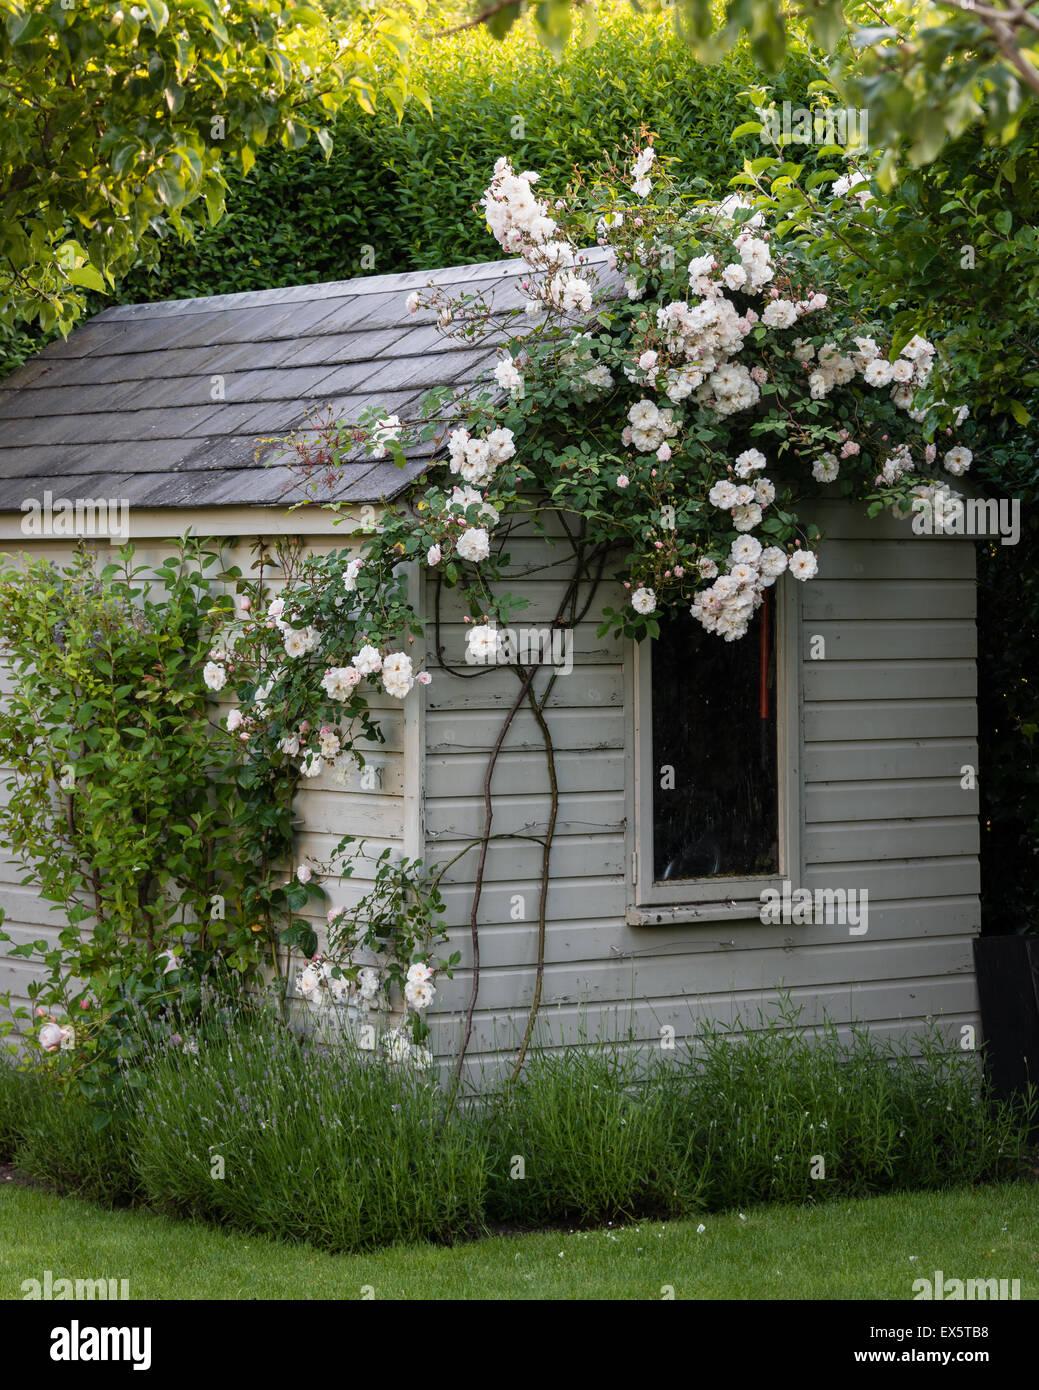 Tettoia in legno con rosa rampicante in country garden Immagini Stock